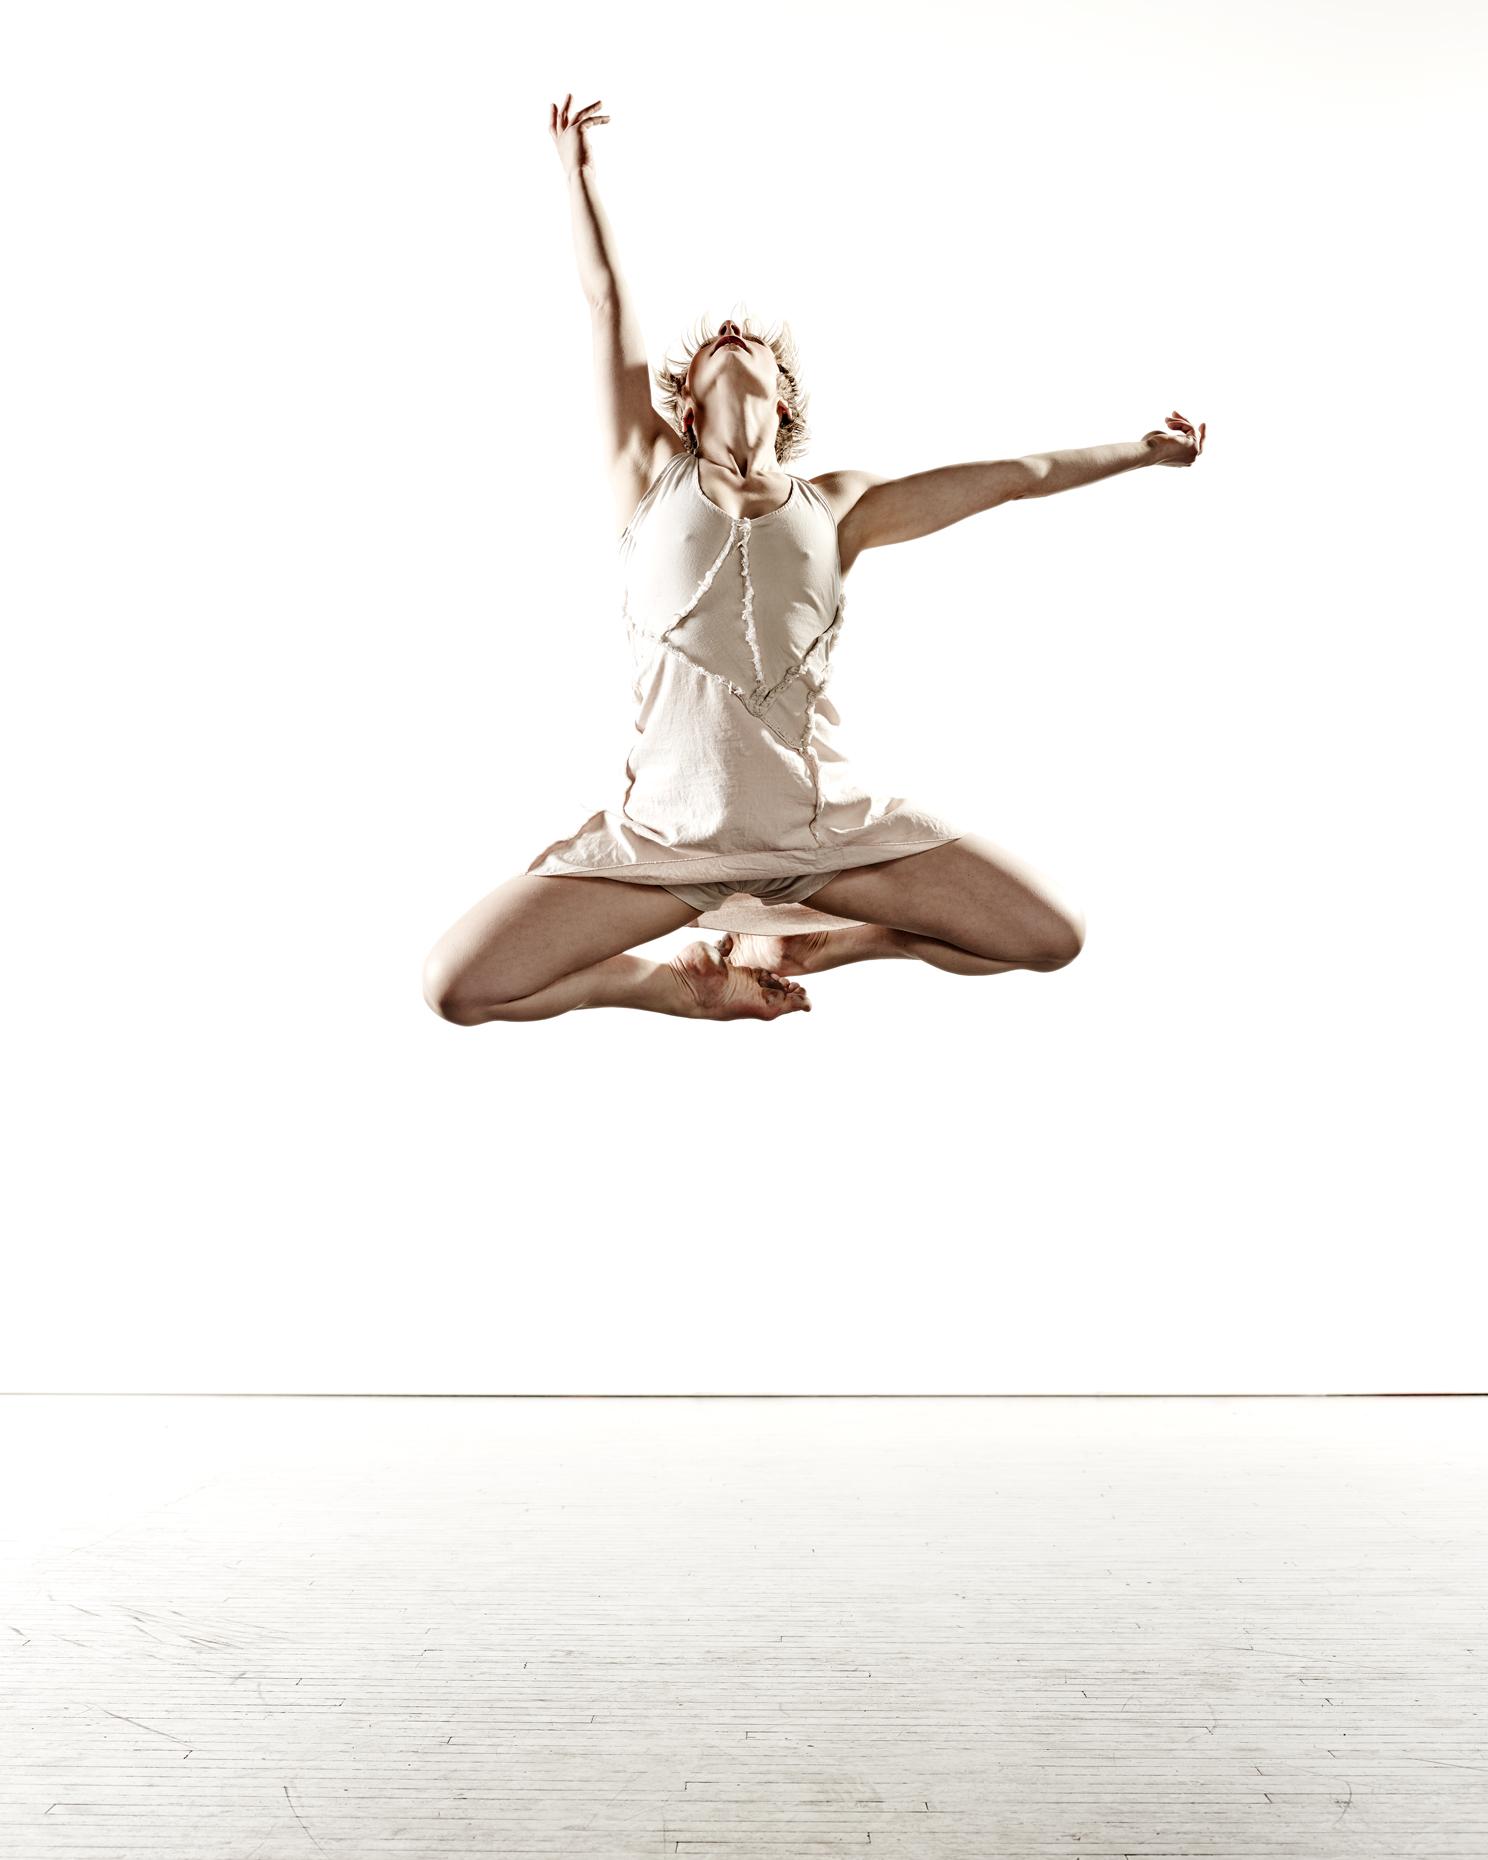 Ririe-Woodbury Derek Israelsen 007 Female Dancer